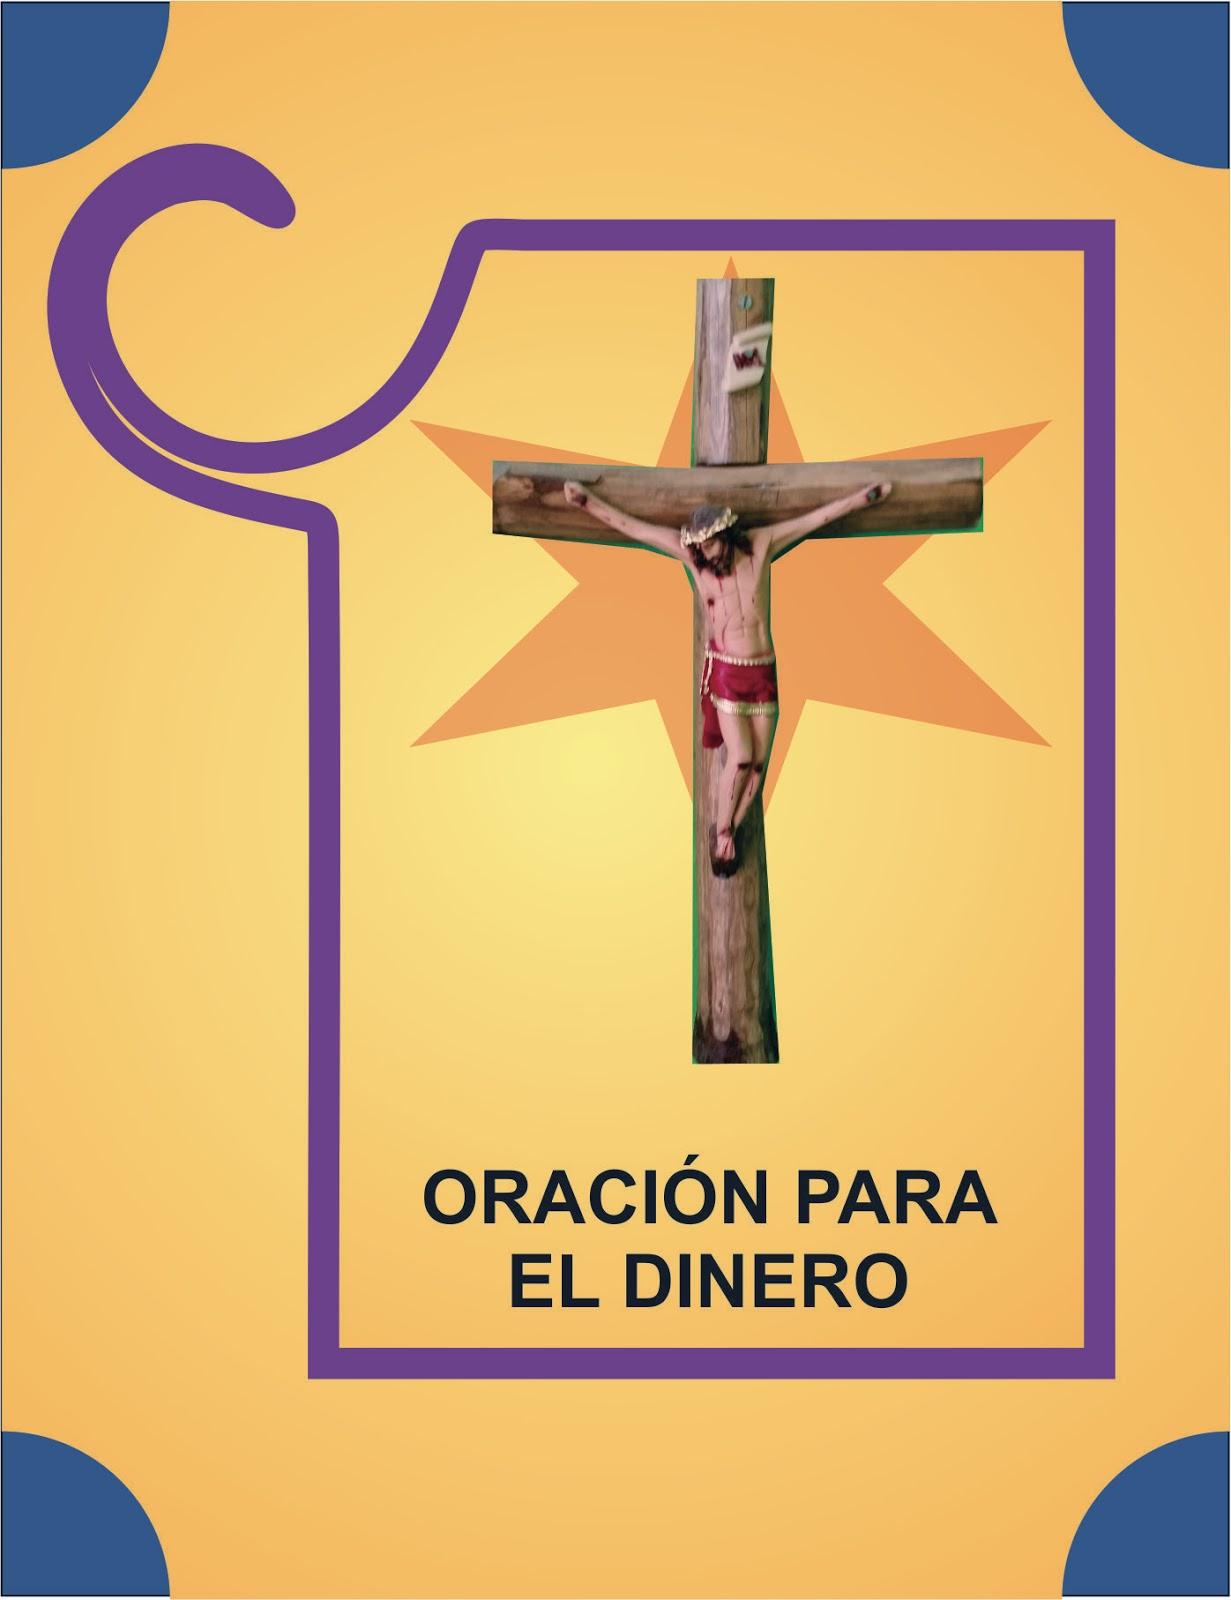 Esoterismo ayuda espiritual oraci n para atraer el dinero - Para atraer el dinero ...